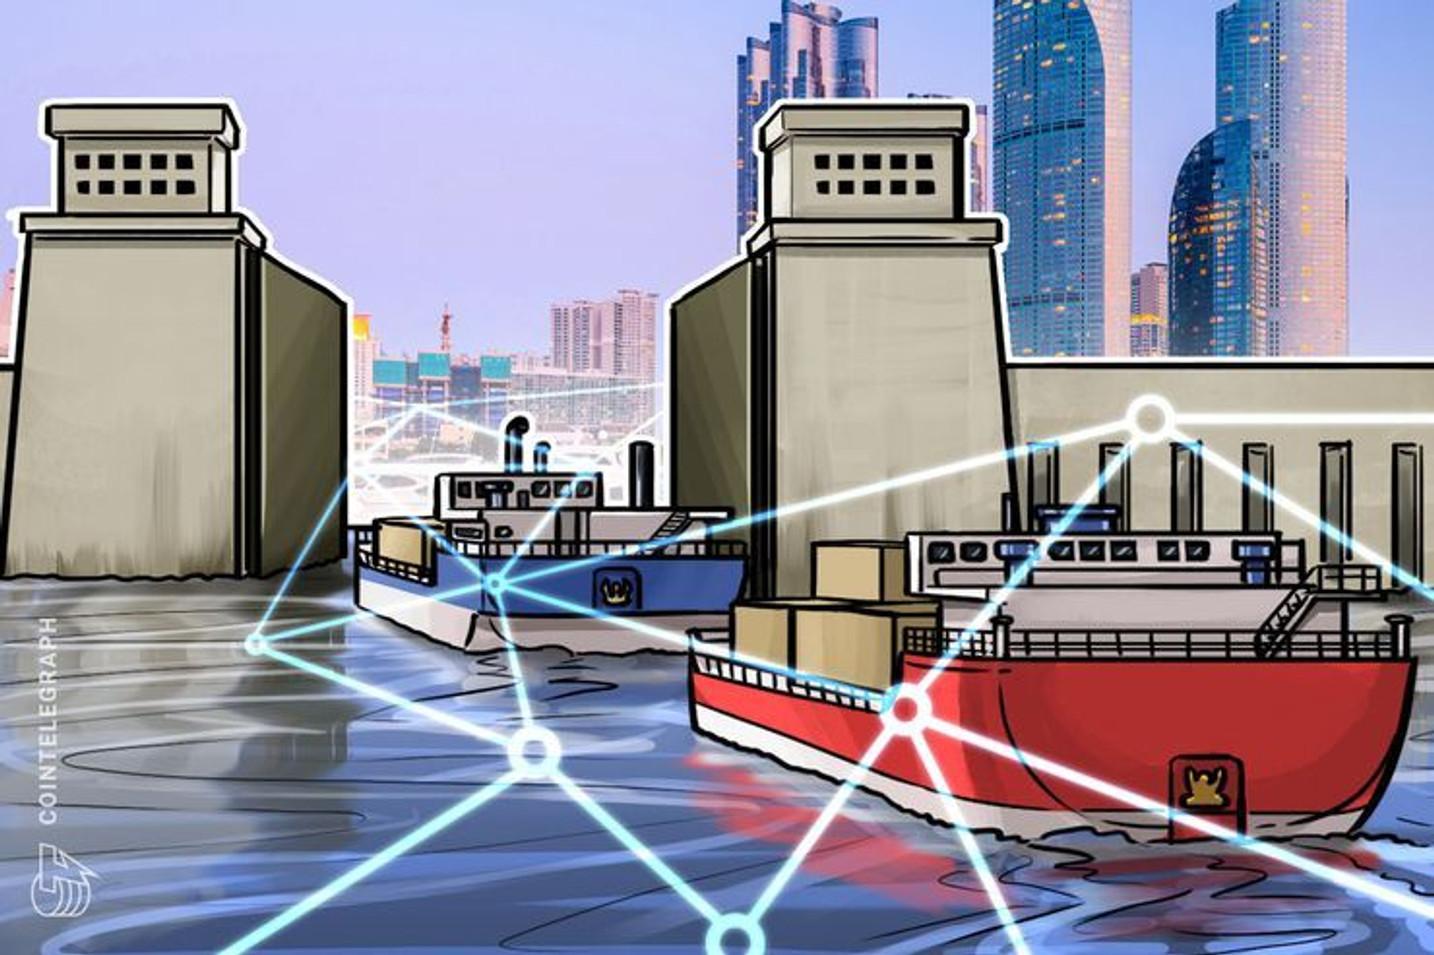 Blockchain: Proyecto DataPorts, coordinado por el centro español ITI, facilitará interconexión de datos